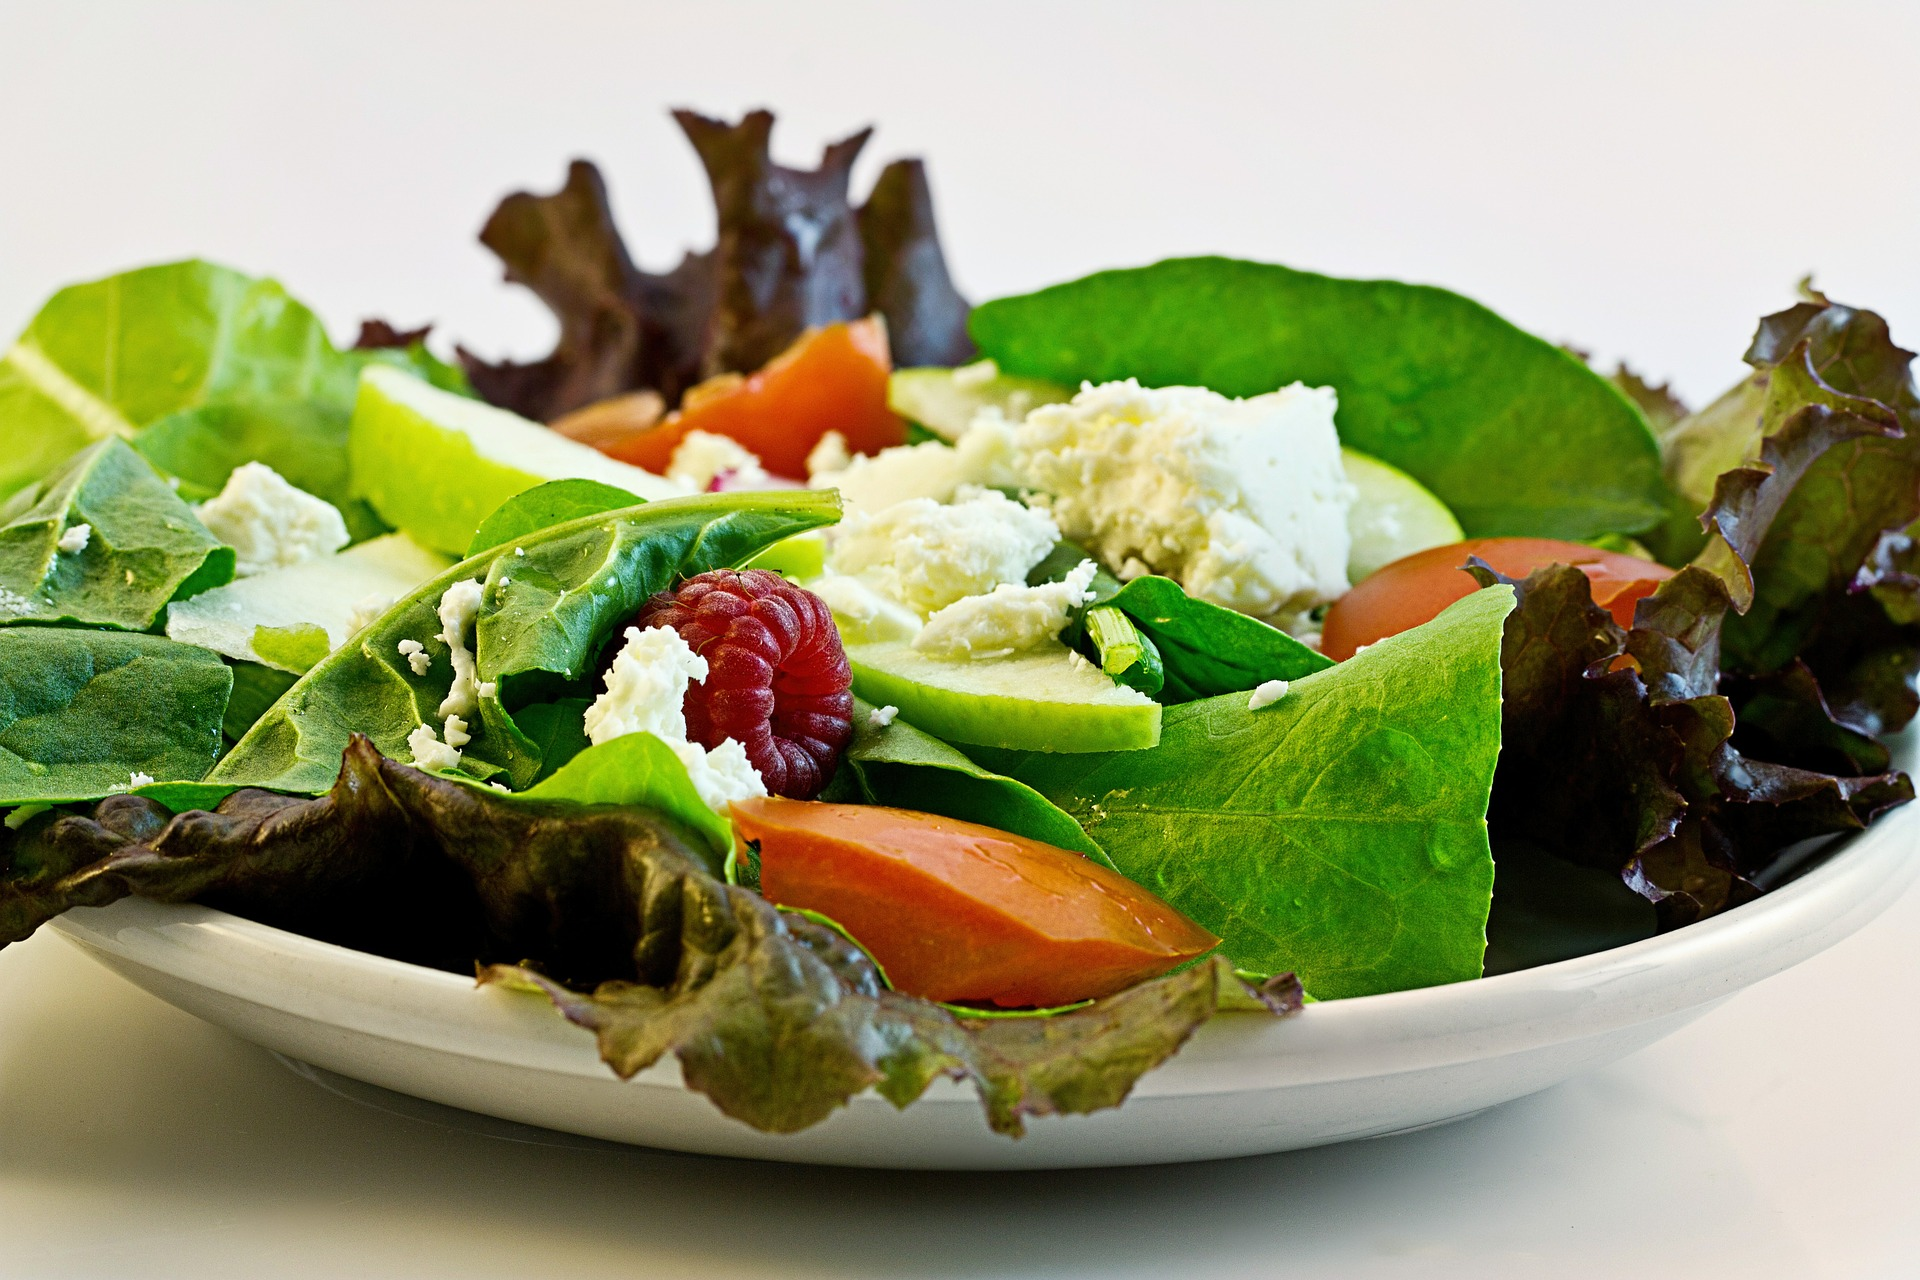 Antes de ponerte a dieta tienes que leer estas 13 cosas